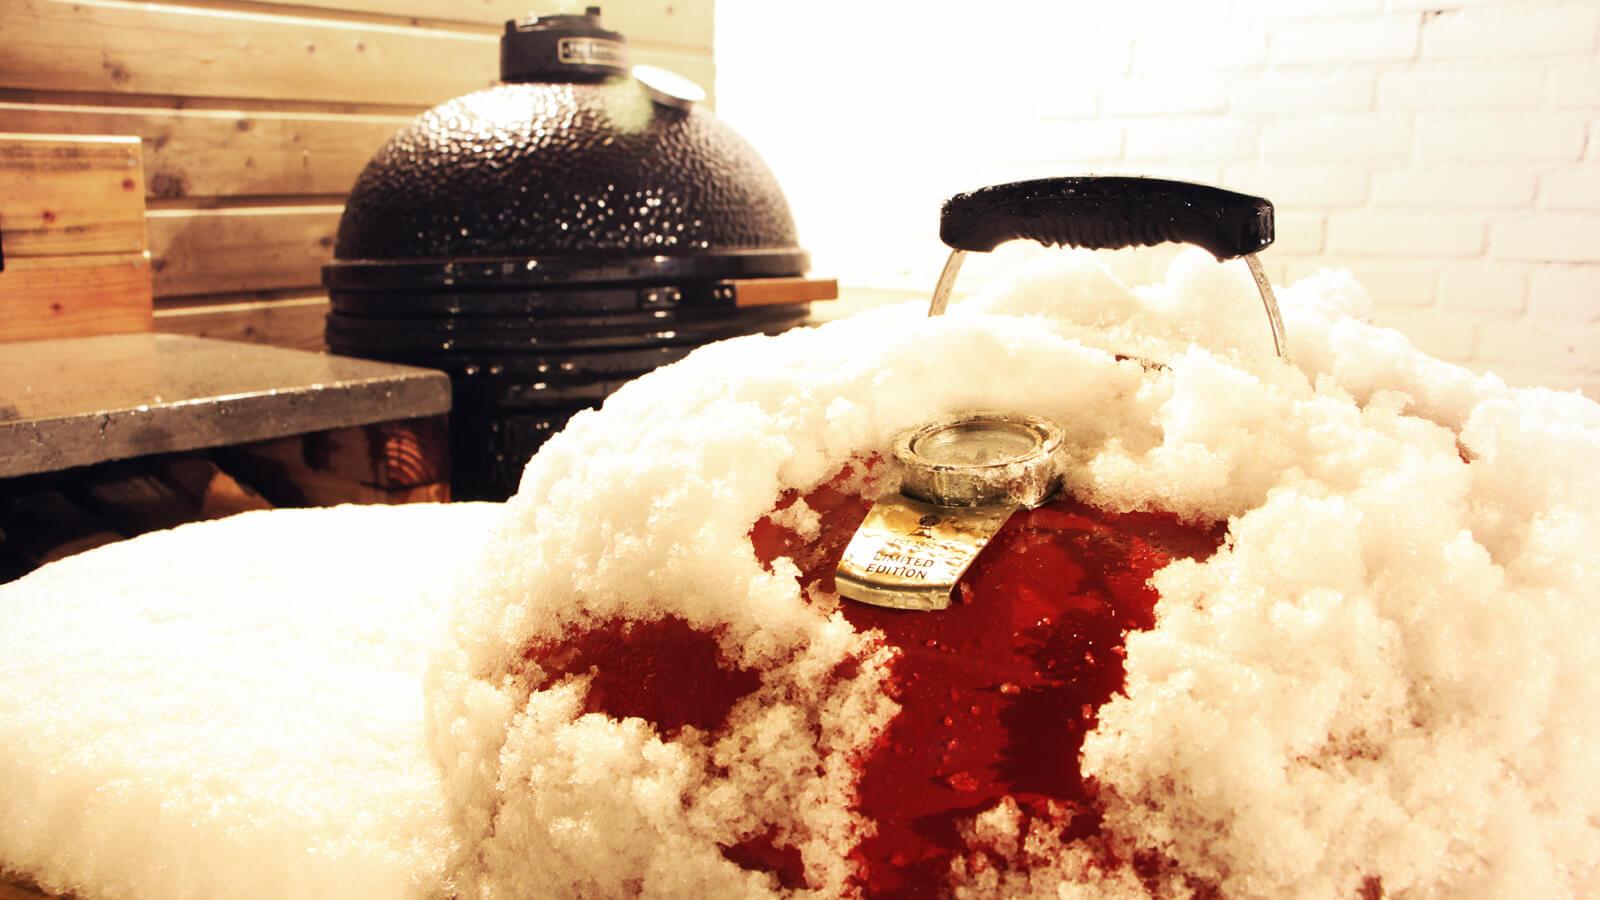 Met deze tips zal je winter BBQ zeker slagen!